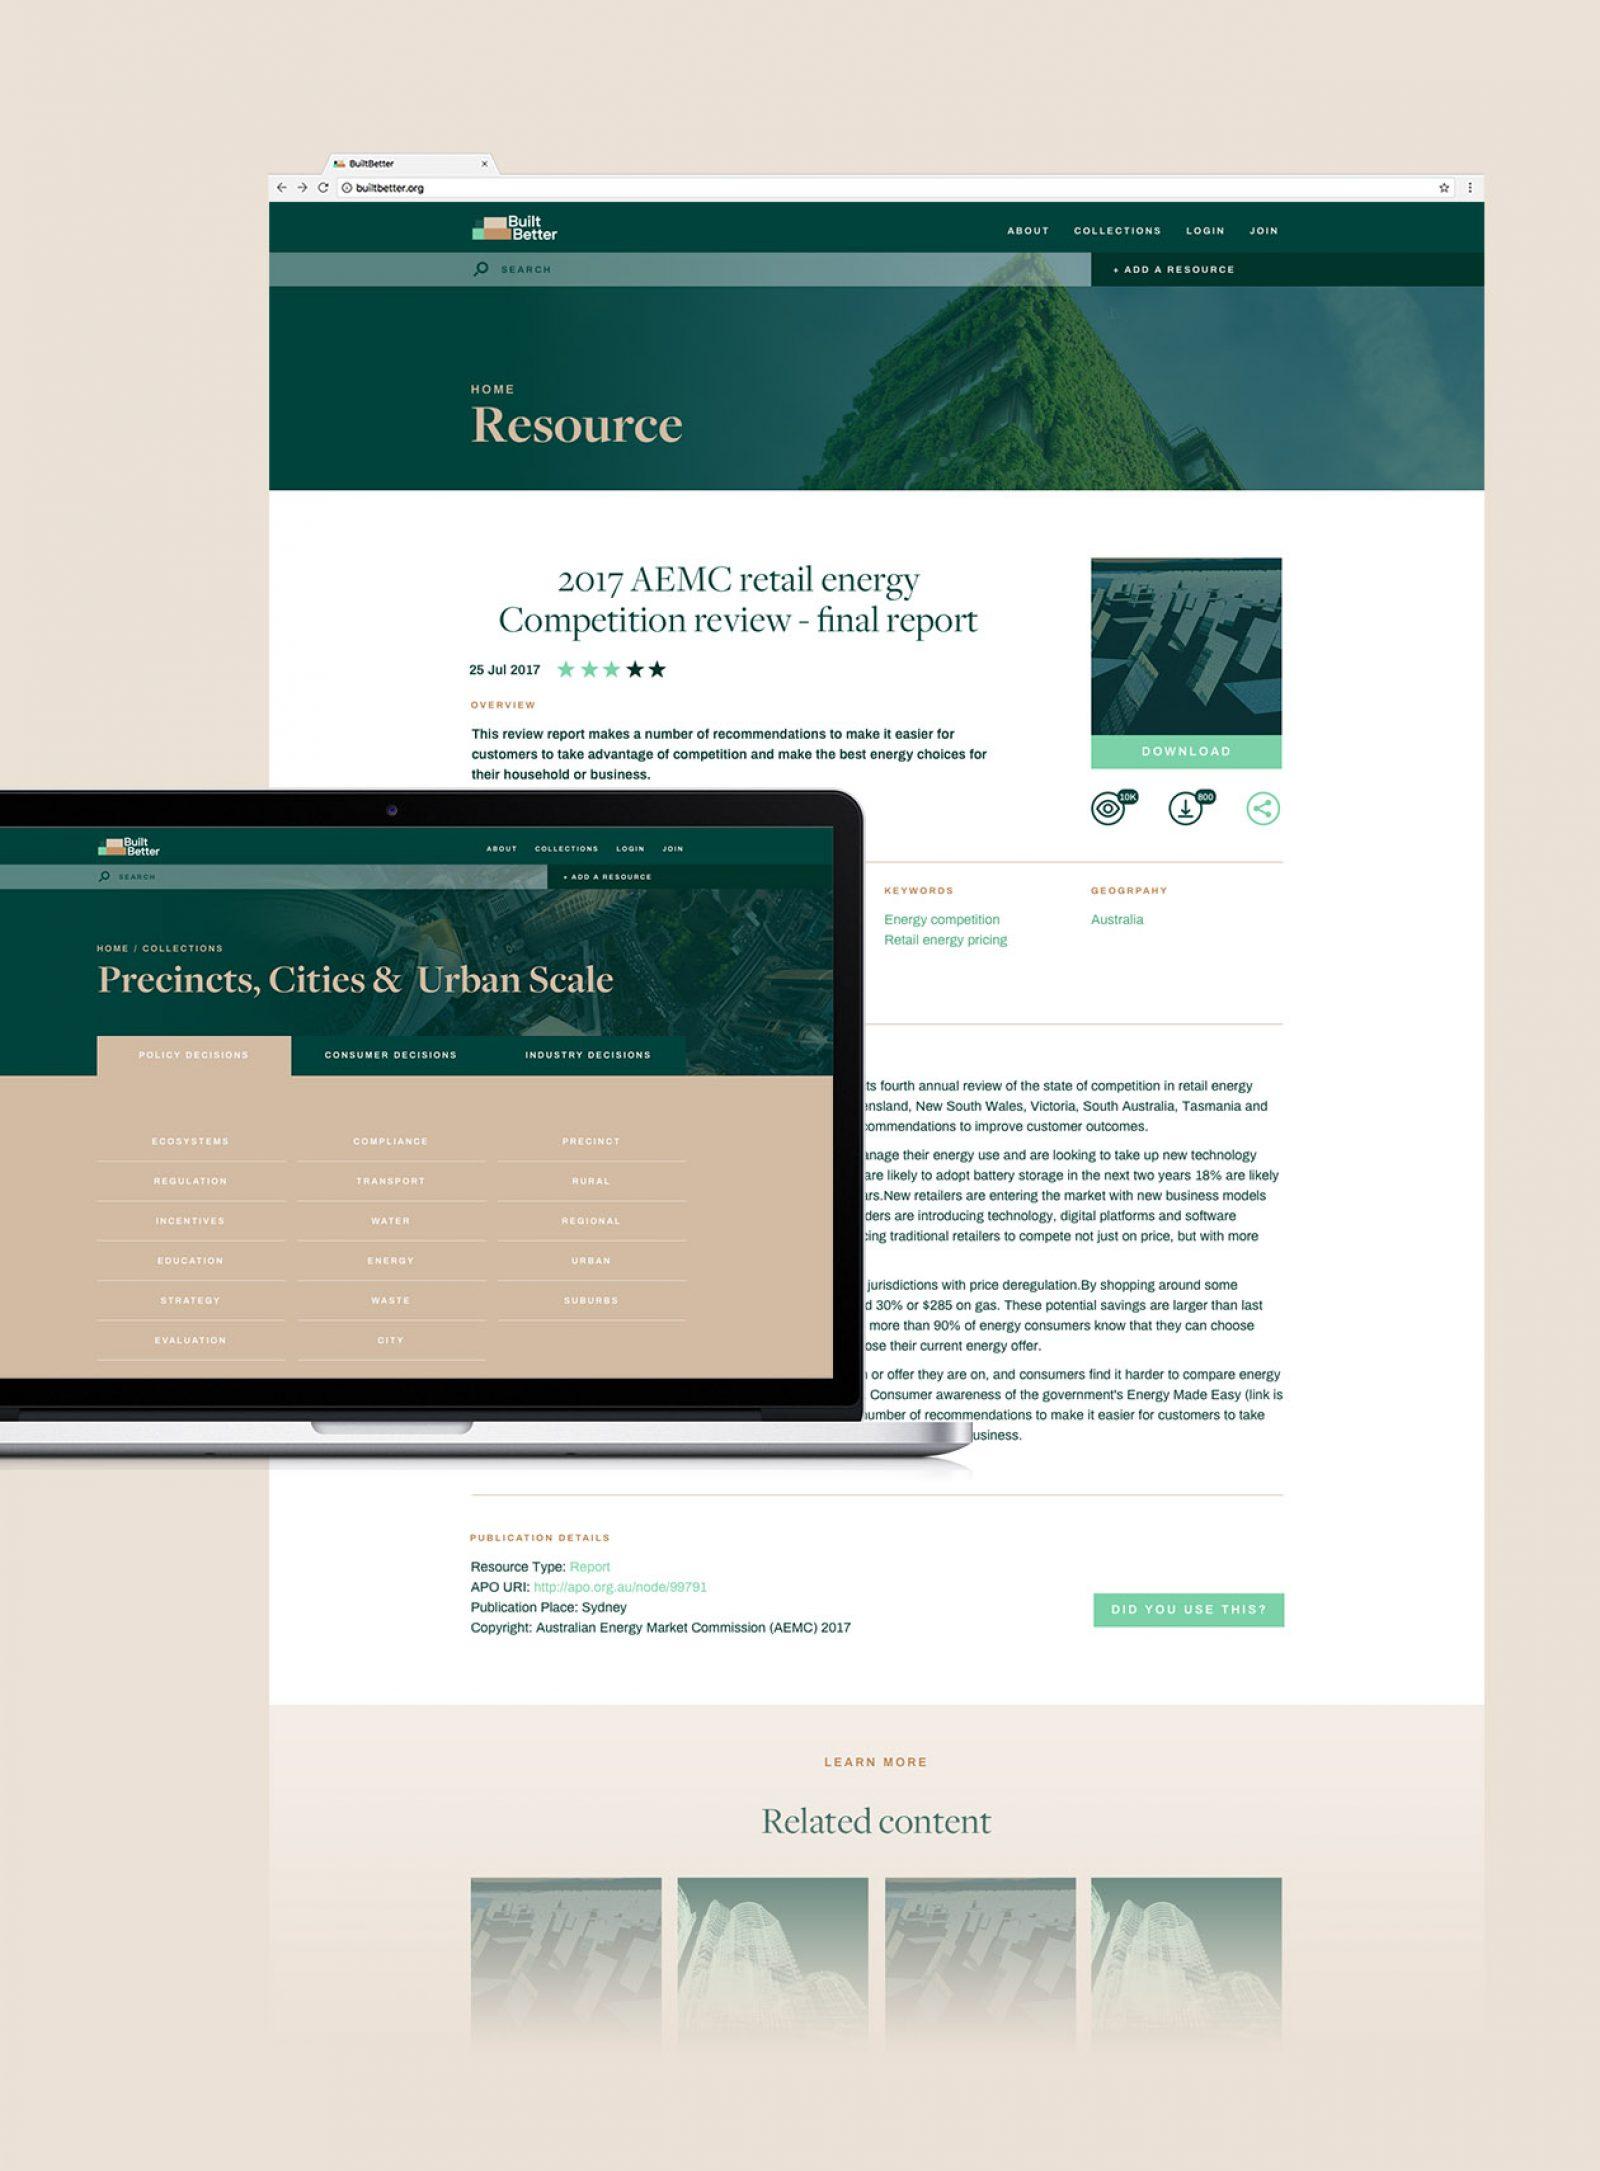 BuiltBetter website screens